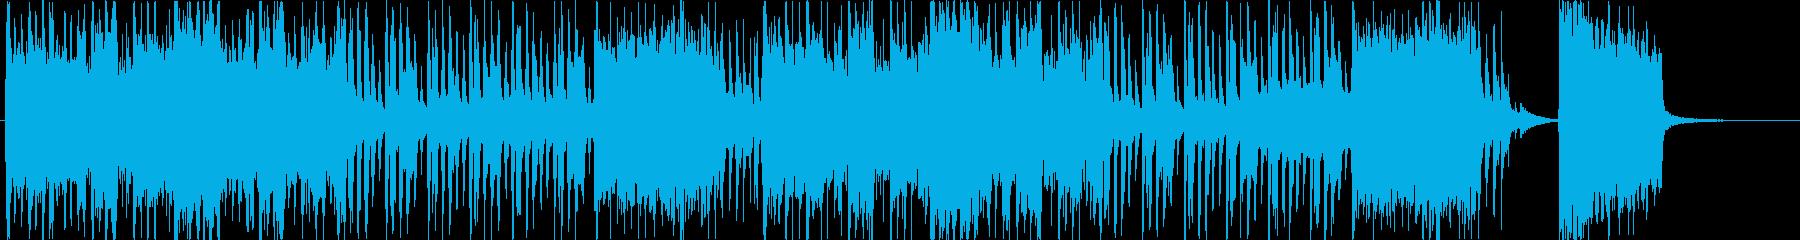 可愛いほのぼの日常・オープニング映像系の再生済みの波形